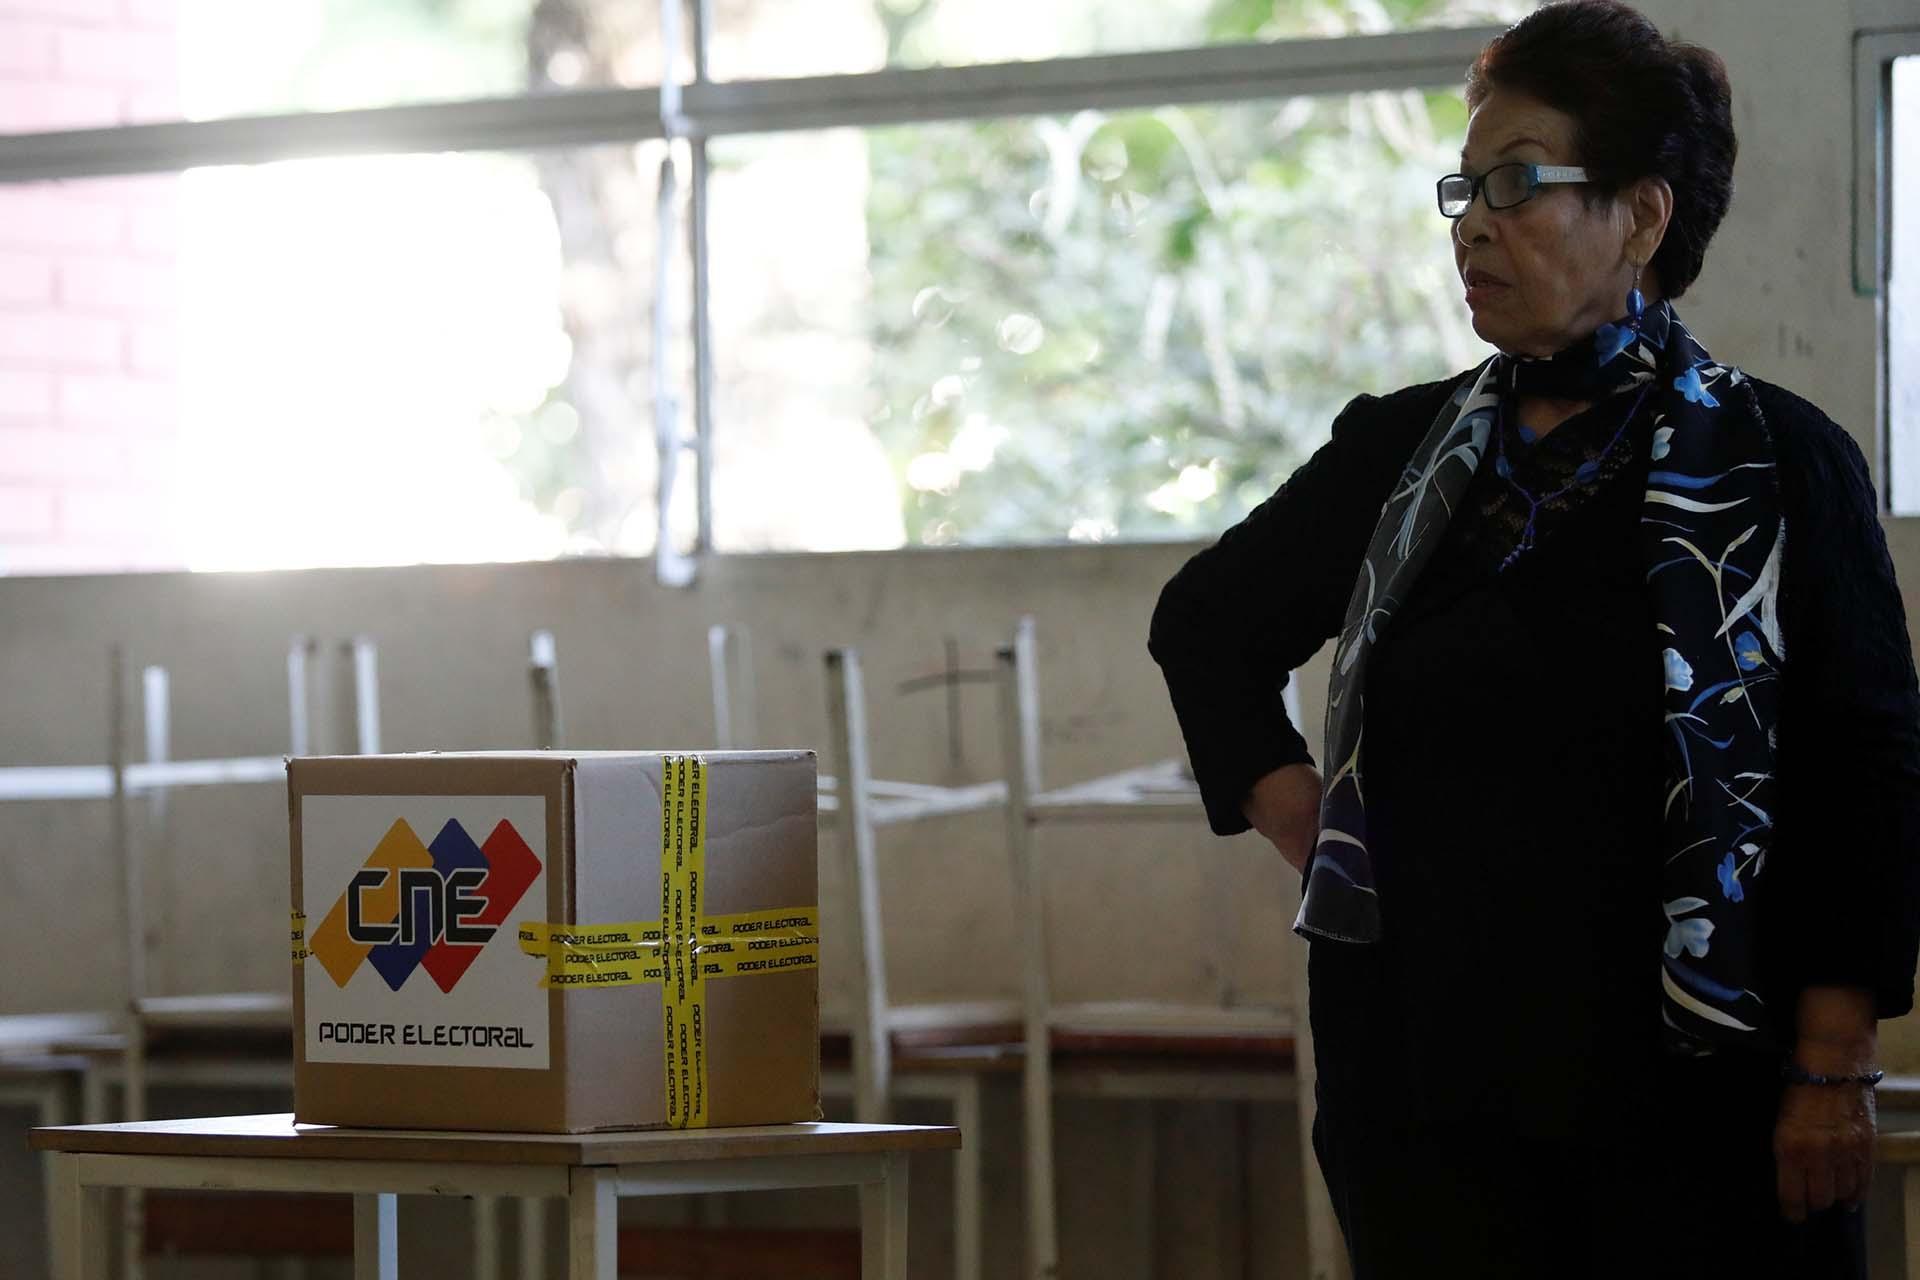 """""""Las 'elecciones' de hoy son una burla que el país no cree, por eso están los centros vacíos, no podrán engañar a los venezolanos ni al mundo; @NicolasMaduro es un dictador. Pronto llegará el momento donde tendremos unas elecciones libres donde sí podremos elegir y ser respetados"""", dijo el coordinador de PJ, el diputado Julio Borges, en Twitter"""